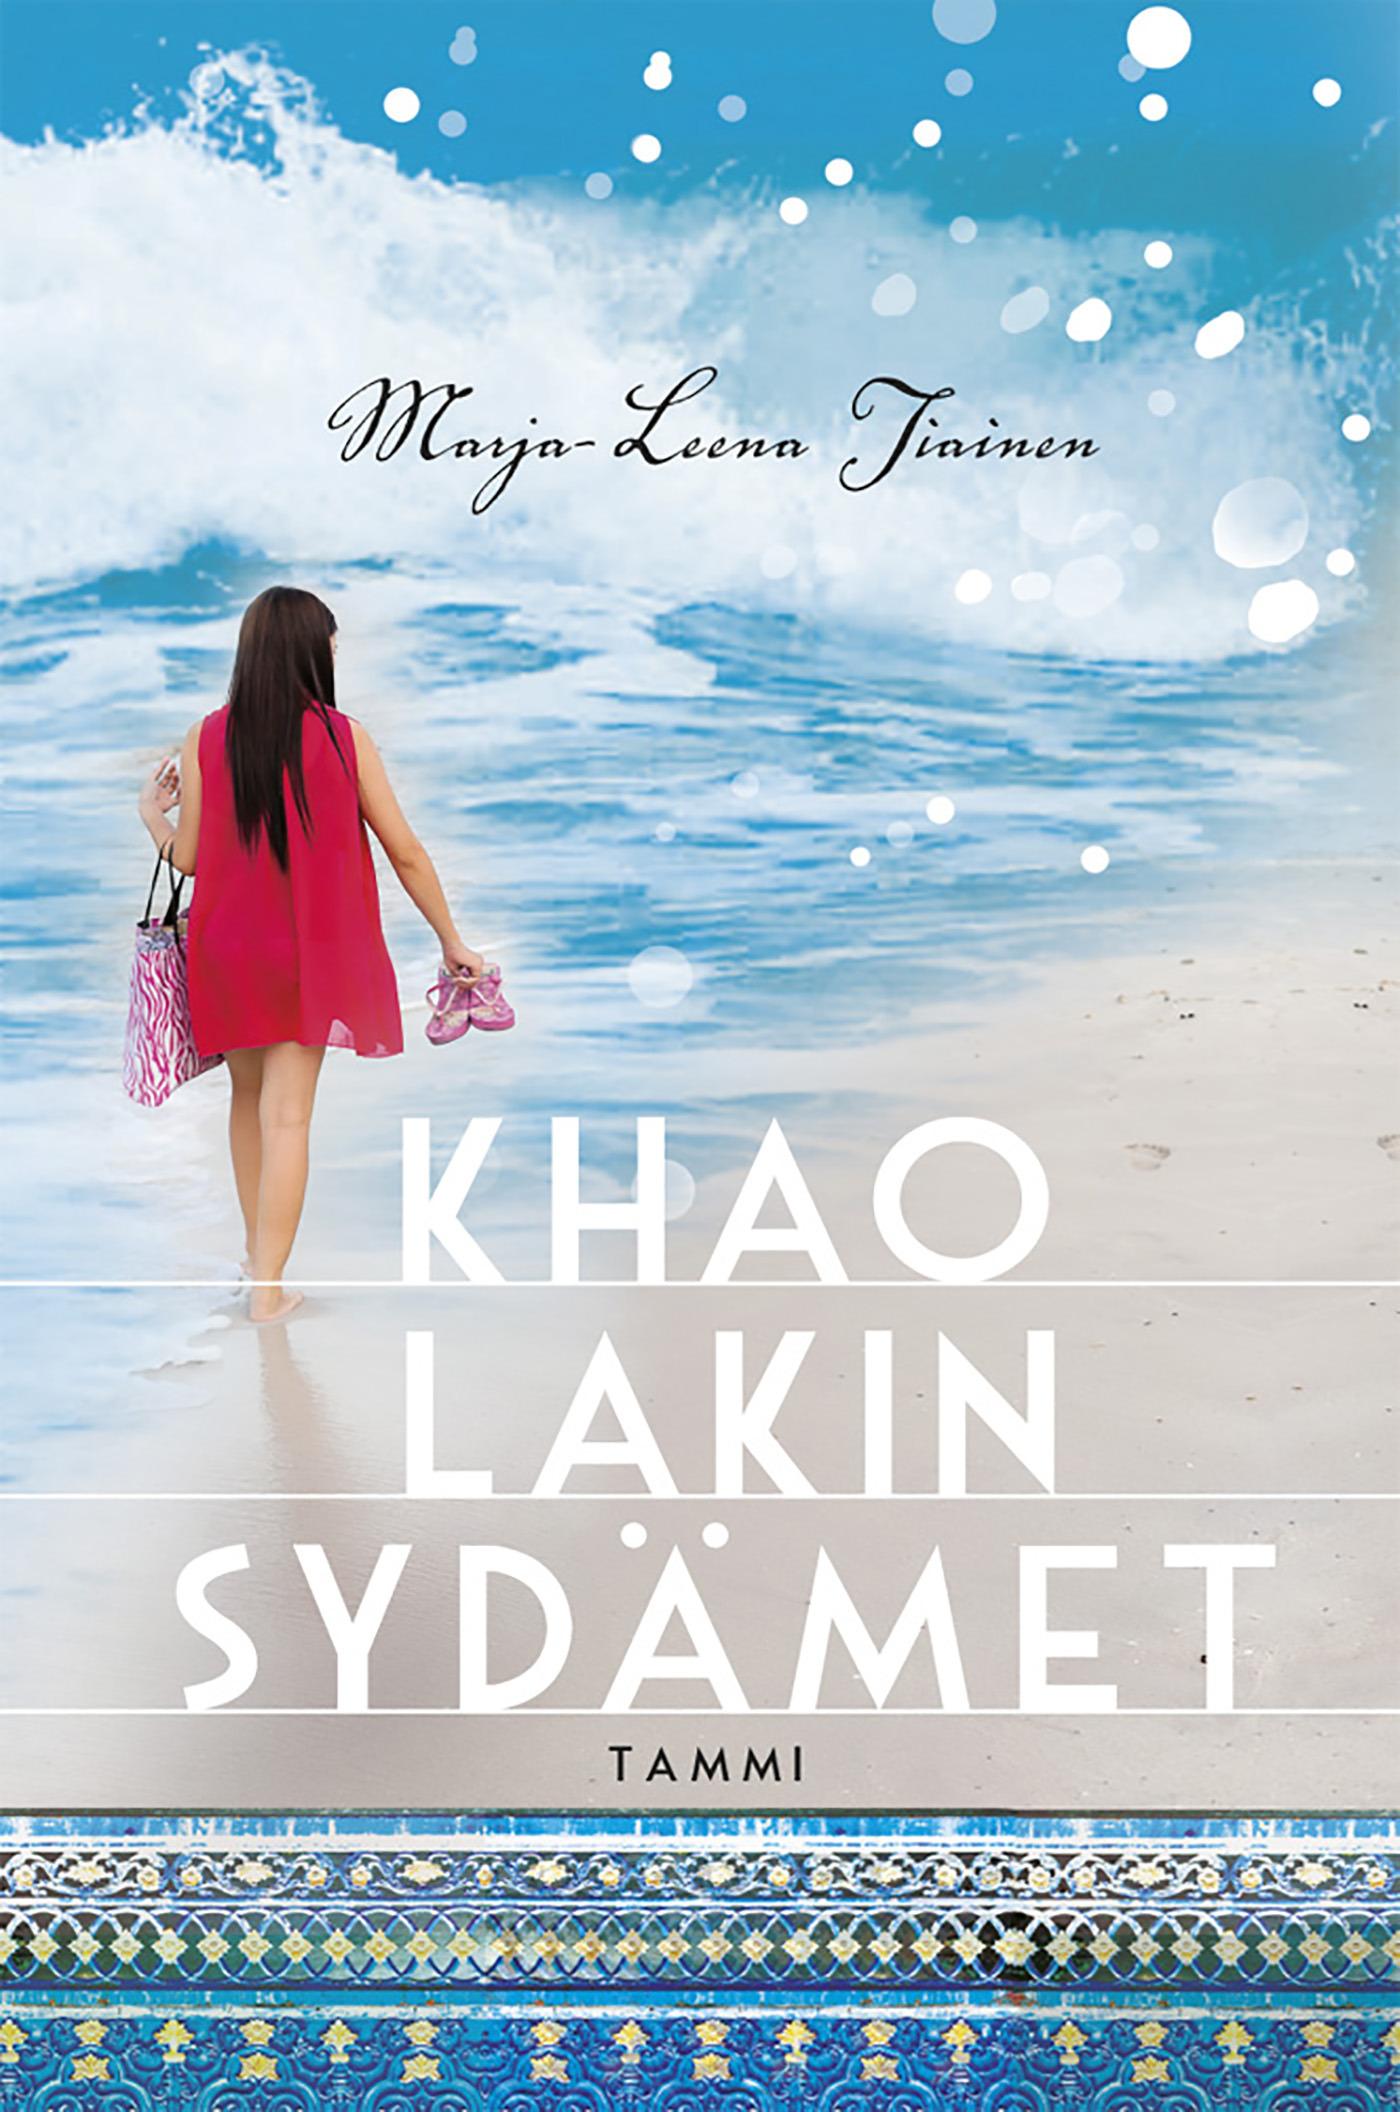 Tiainen, Marja-Leena - Khao Lakin sydämet, e-kirja